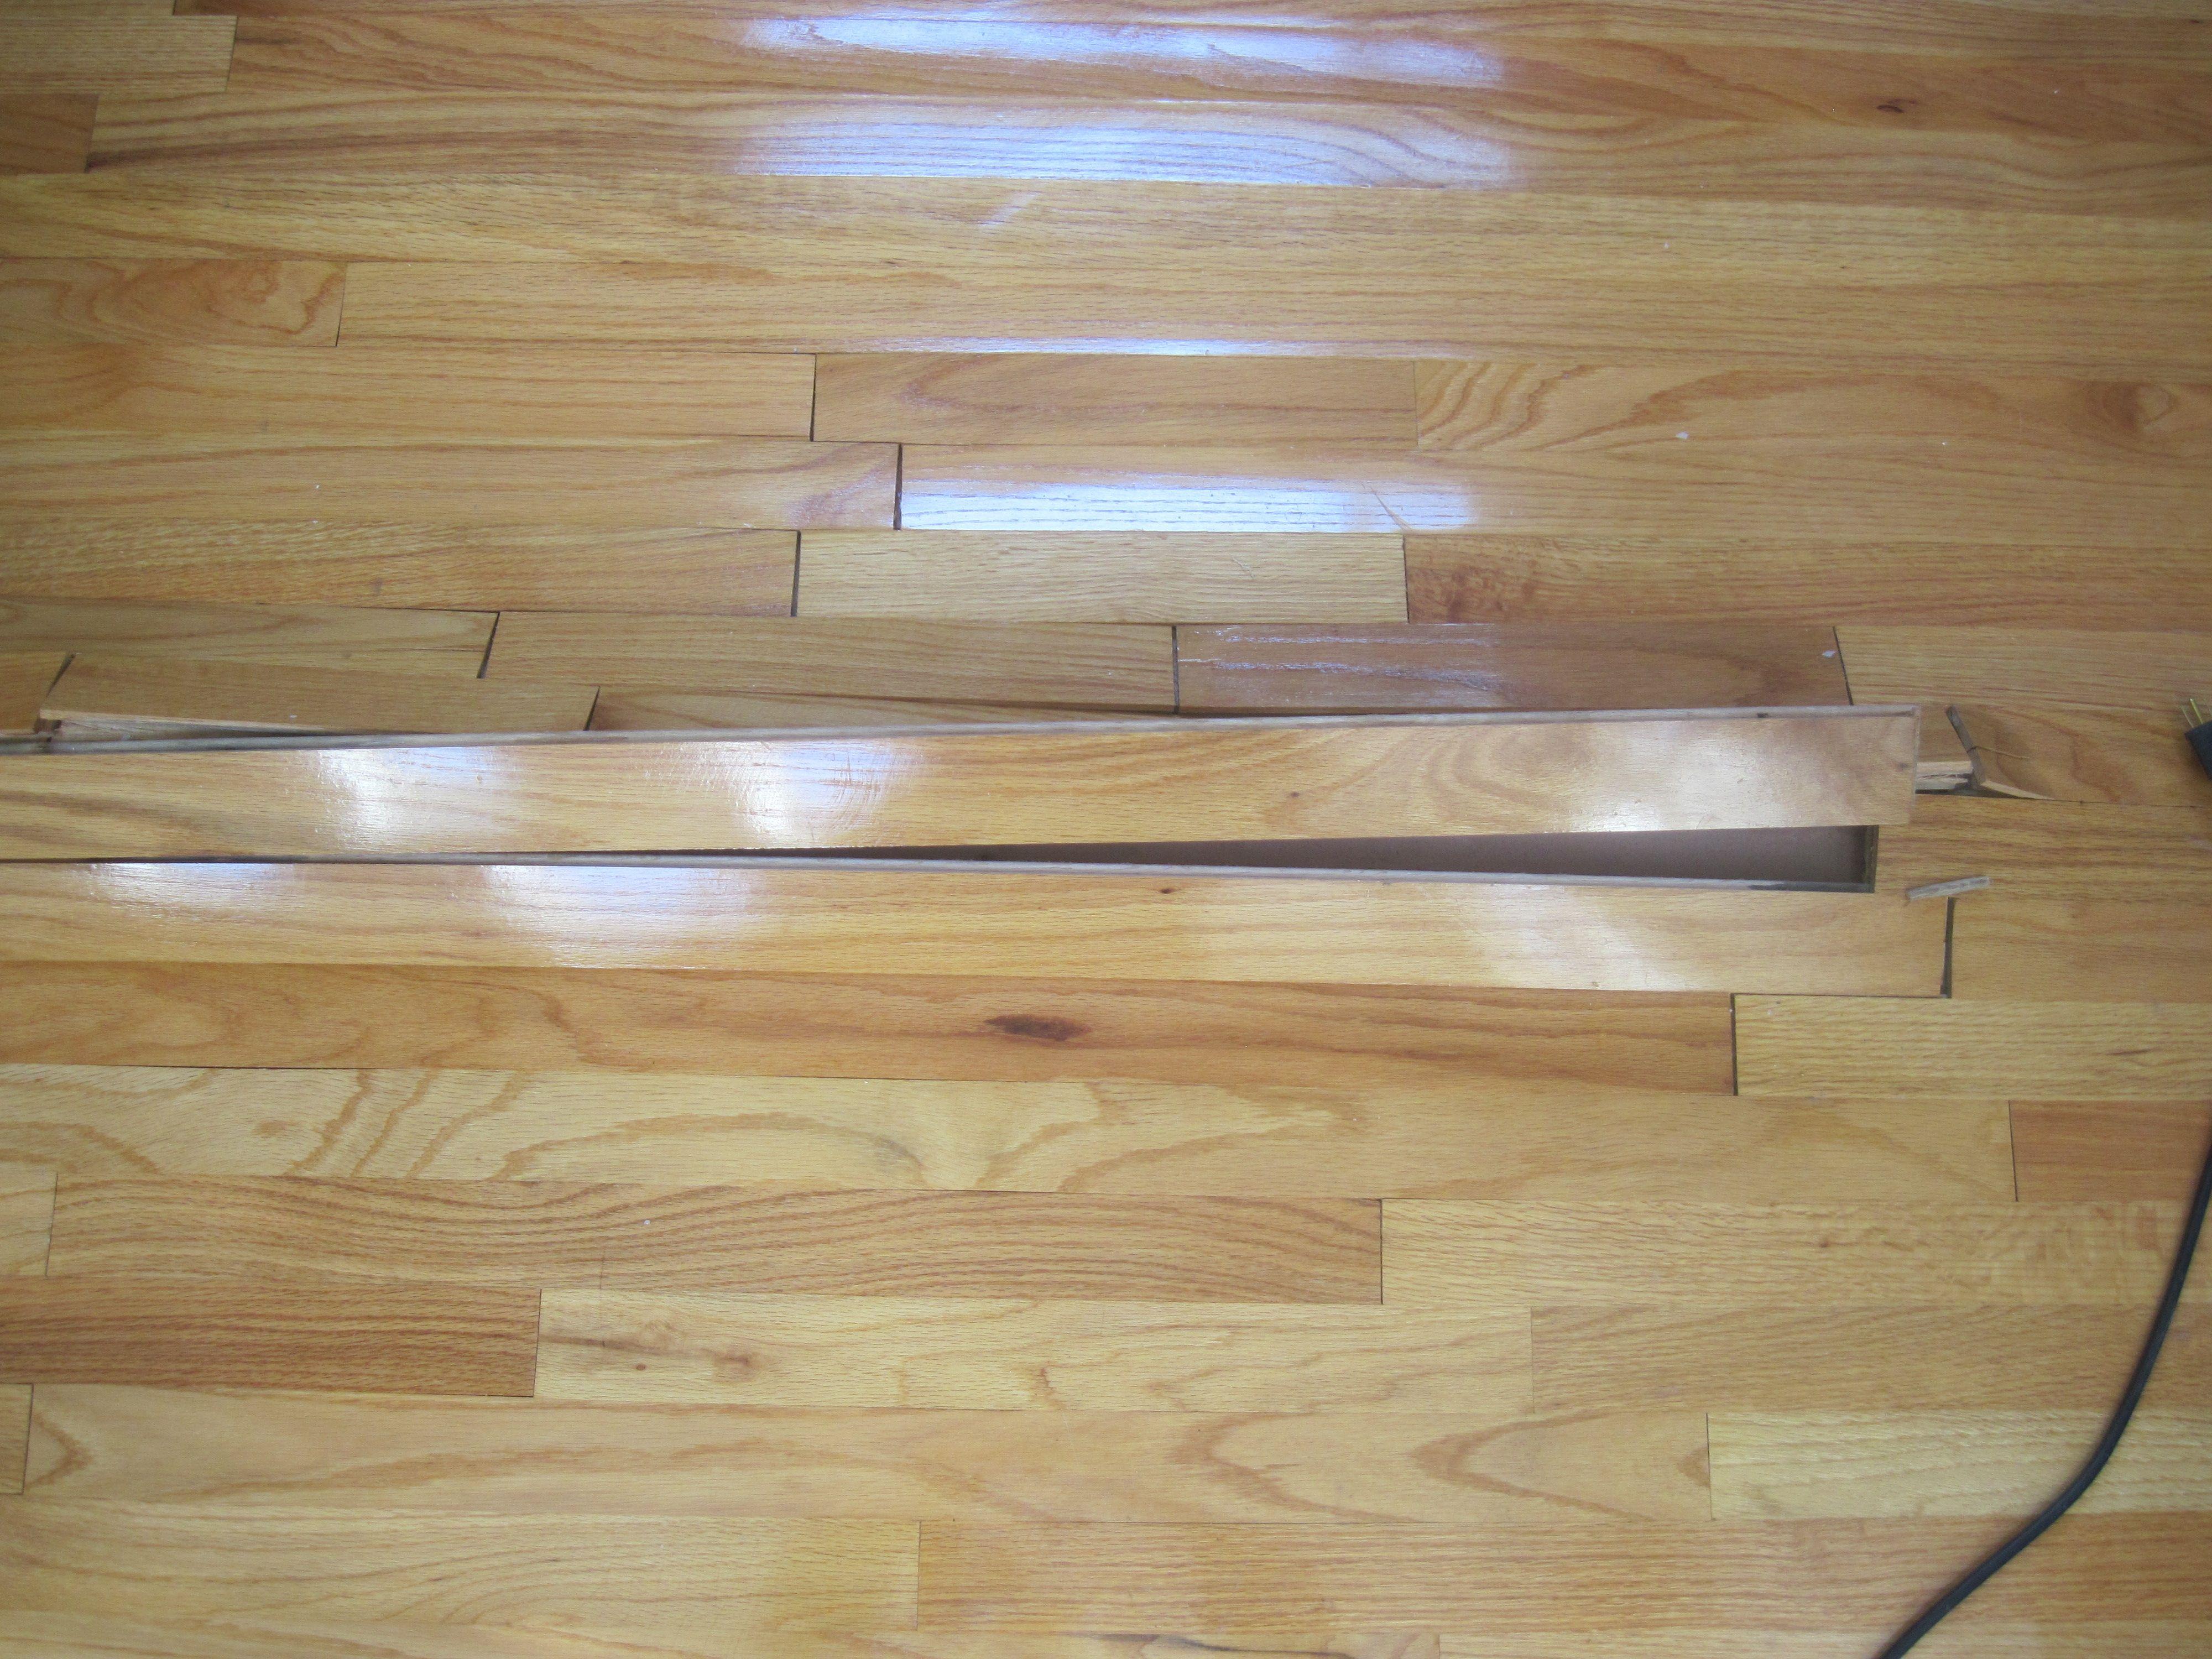 Water Damaged Engineered Hardwood Floors